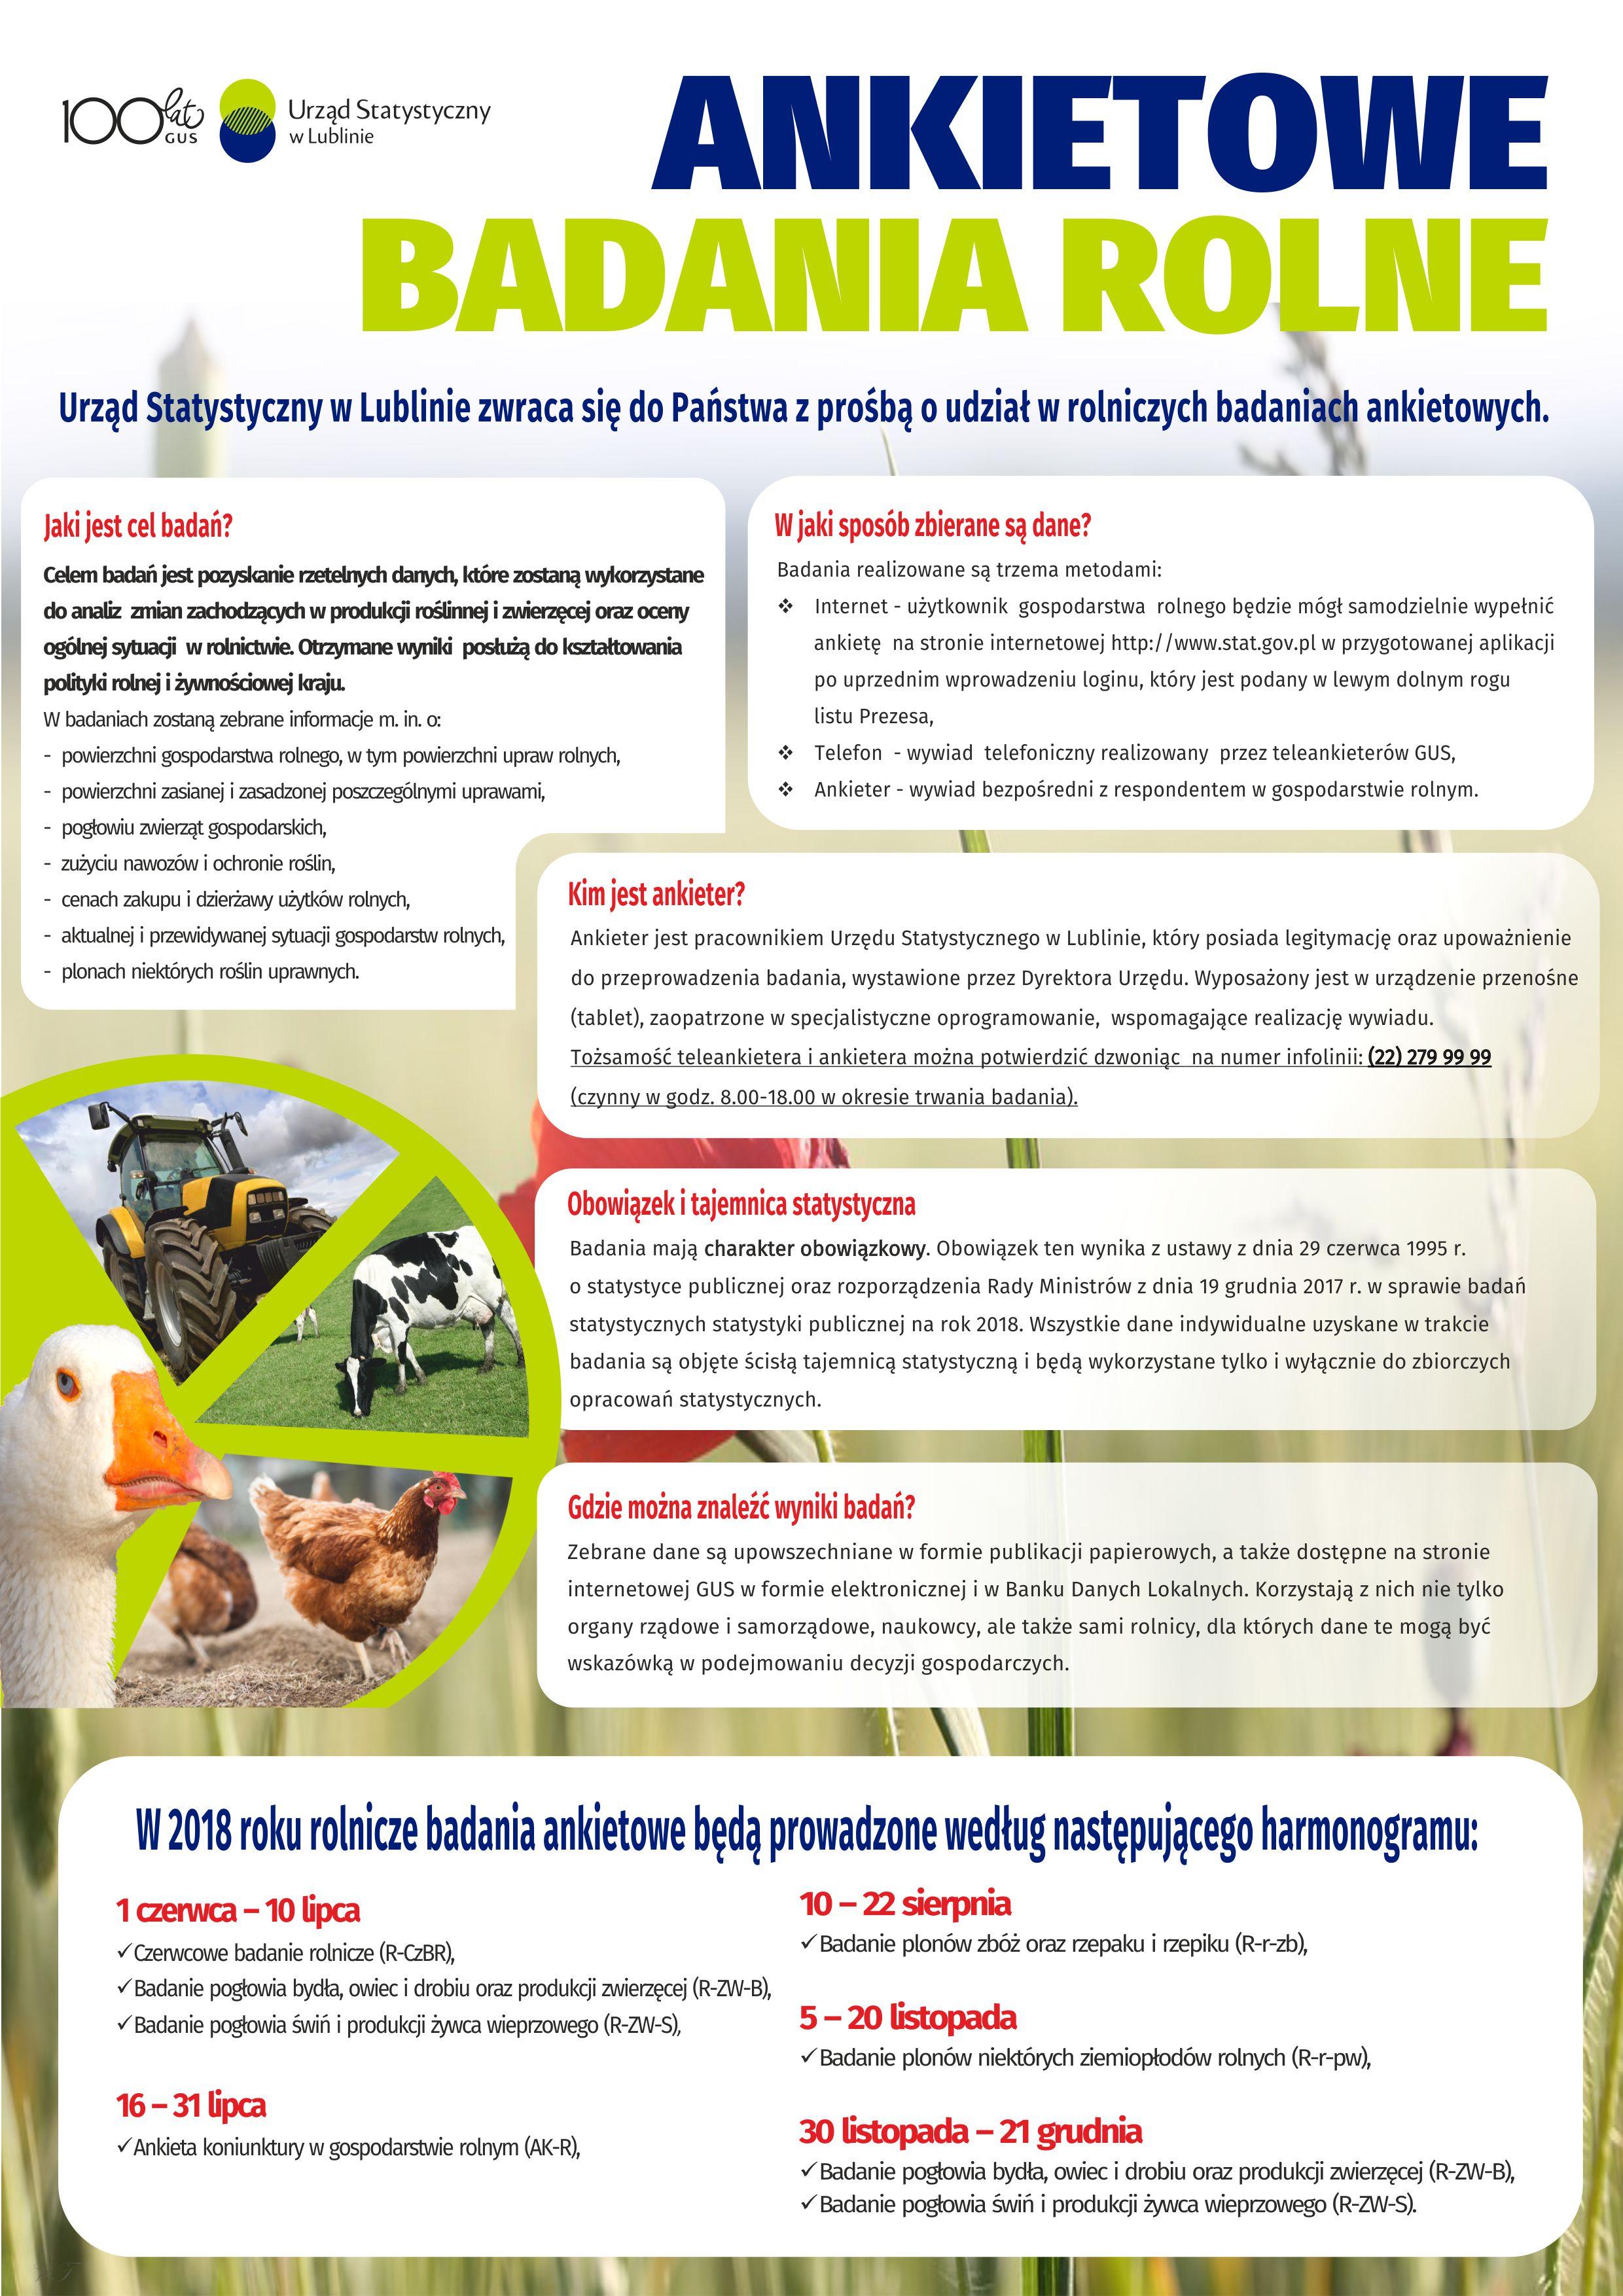 GUS: Ankietowe badanie rolne